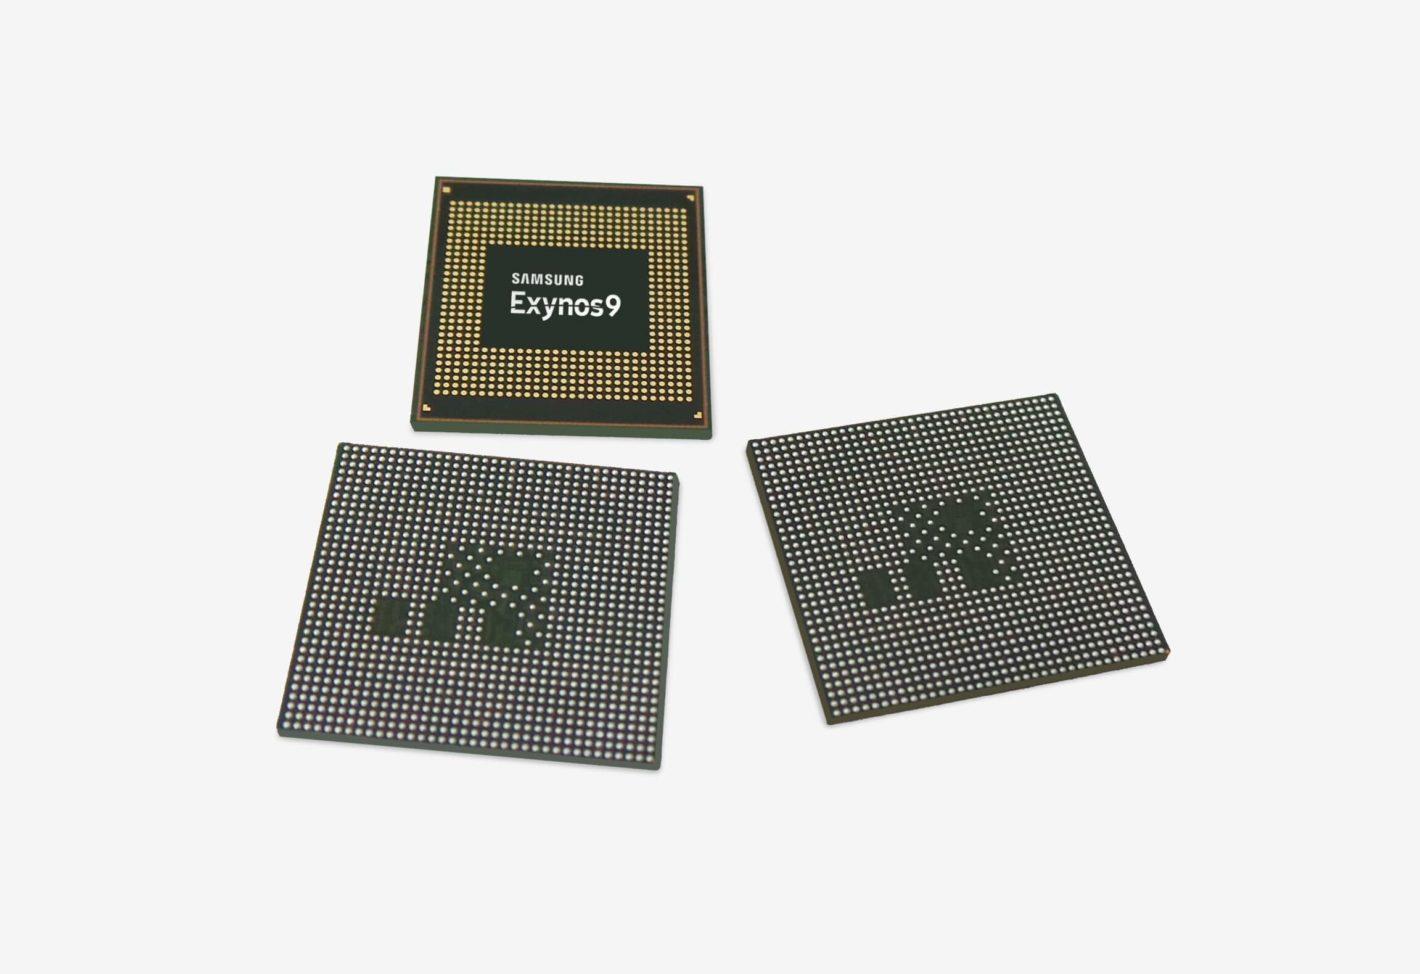 Galaxy S9 Exynos 9810